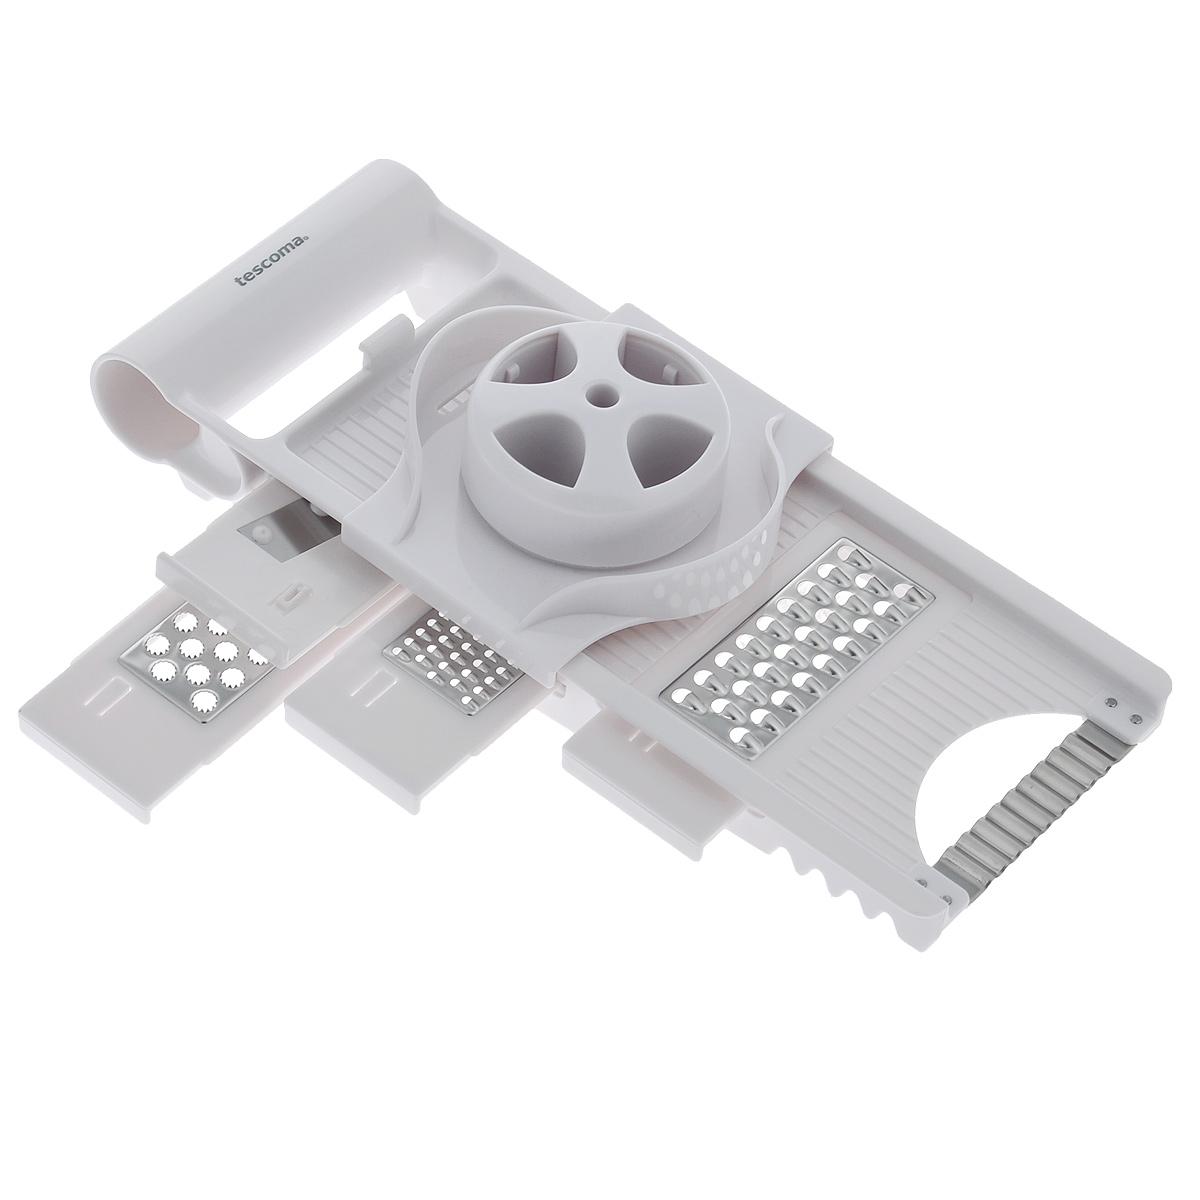 Терка многофункциональная Tescoma Handy643860Многофункциональная терка Tescoma Handy замечательна для нарезки на ломтики и измельчения продуктов. 4 сменных ножа и нож-волна изготовлены из первоклассной нержавеющей стали, остальные части из прочной пластмассы. Терка снабжена безопасным держателем для продуктов и массивной ручкой для удобного использования. С помощью такой терки вы сможете быстро нарезать или нашинковать картофель, перец, баклажаны, морковь, яблоки, приготовить салаты или детские овощные и фруктовые пюре. Каждая хозяйка оценит все преимущества этой терки. Очень практичный и современный дизайн делает изделие весьма простым в эксплуатации.